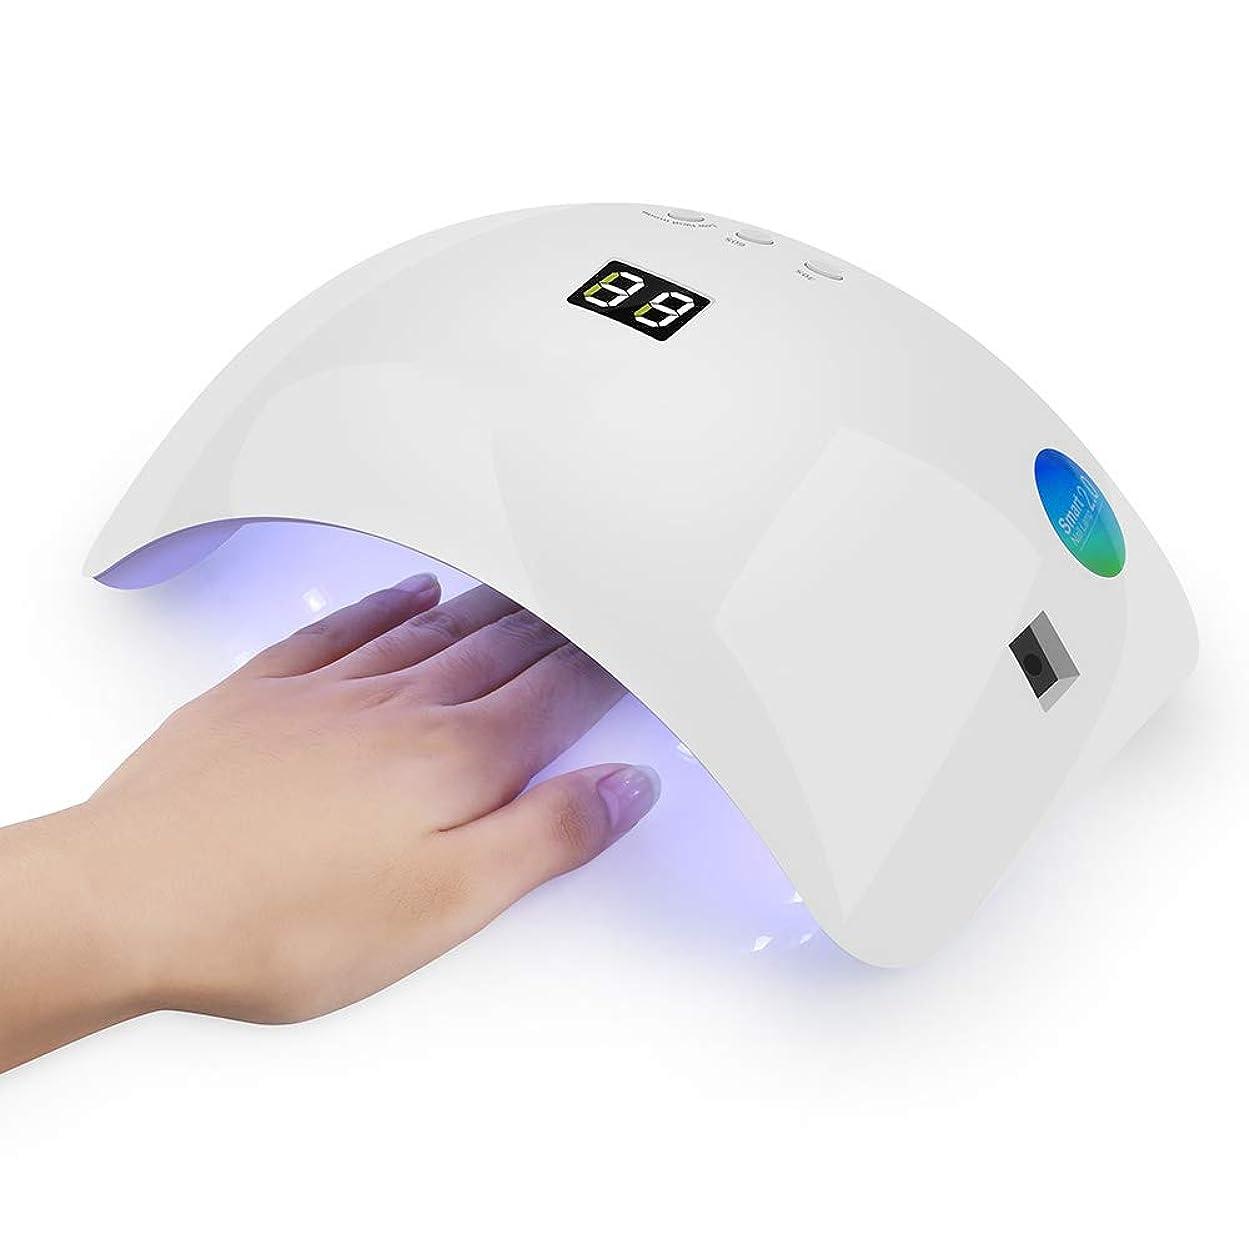 和らげるホラー甘くする3つのタイマーの設定が付いているゲルの磨くニスのための48W の爪のドライヤー21の戦略的配置は完全な大広間用具の紫外線 LED の釘ライトを導きました